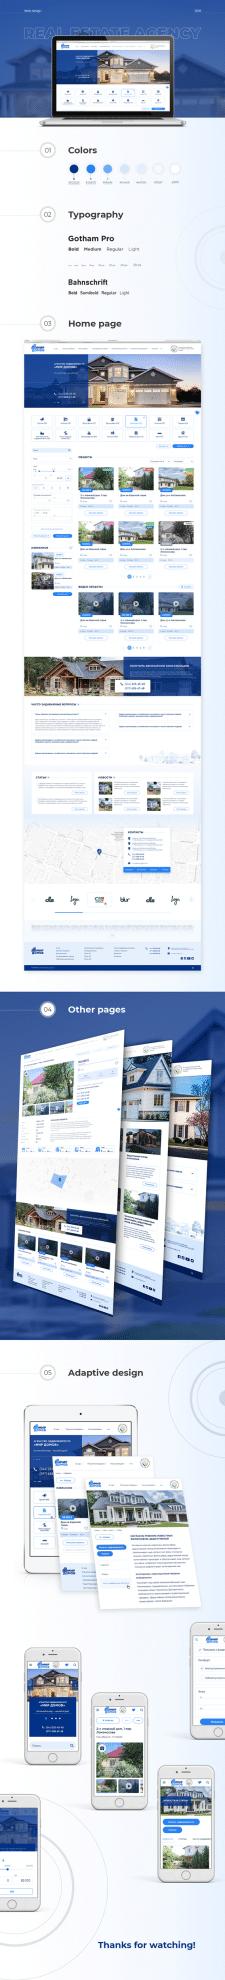 Real estate agency website